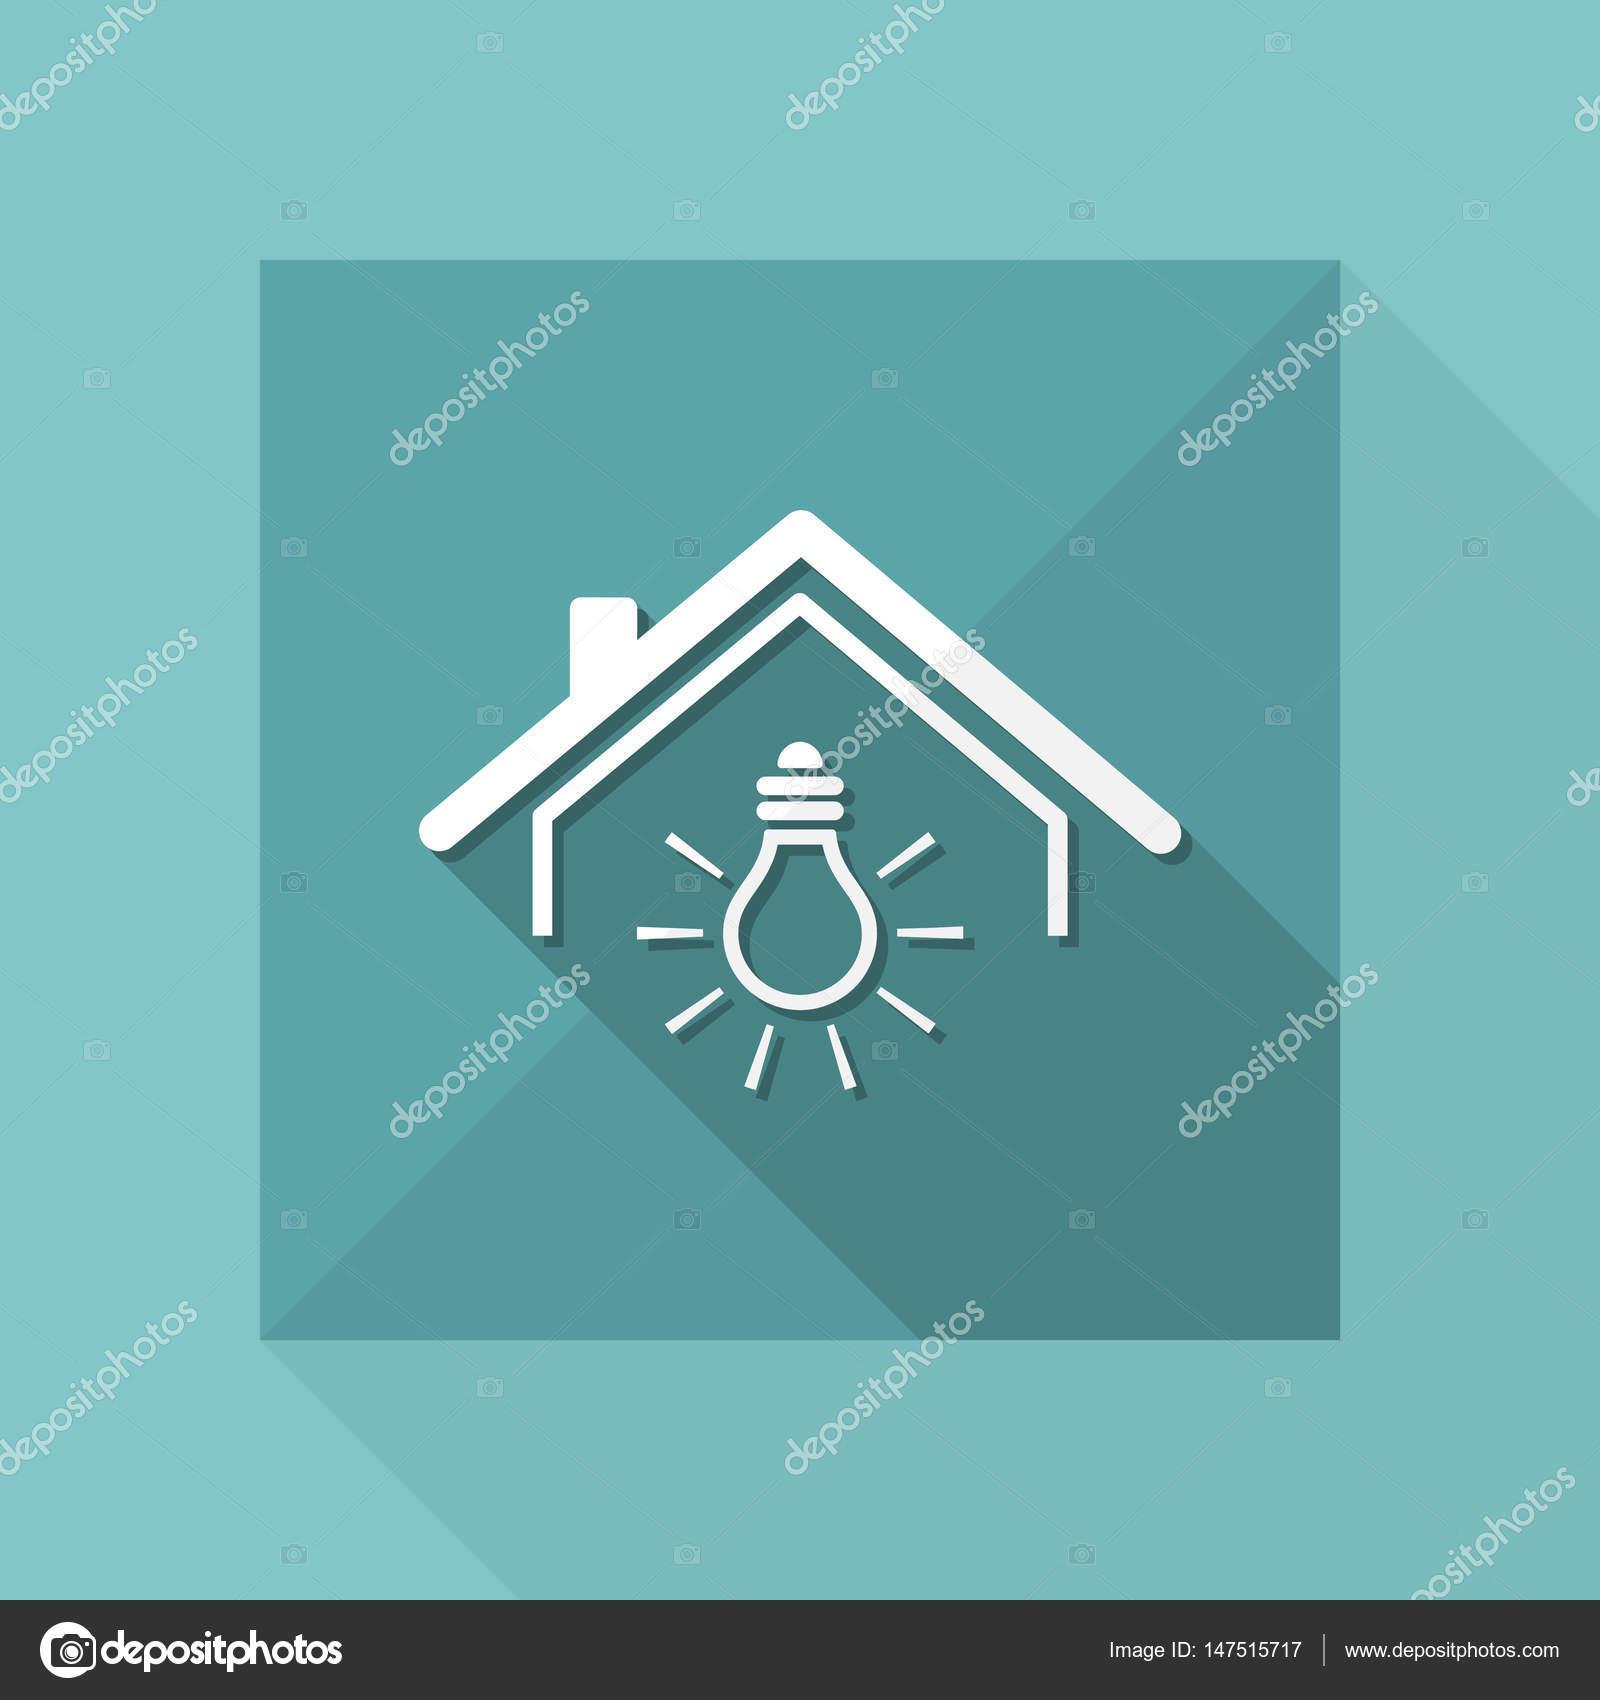 Strom-Versorgung-Symbol — Stockvektor © MyVector #147515717